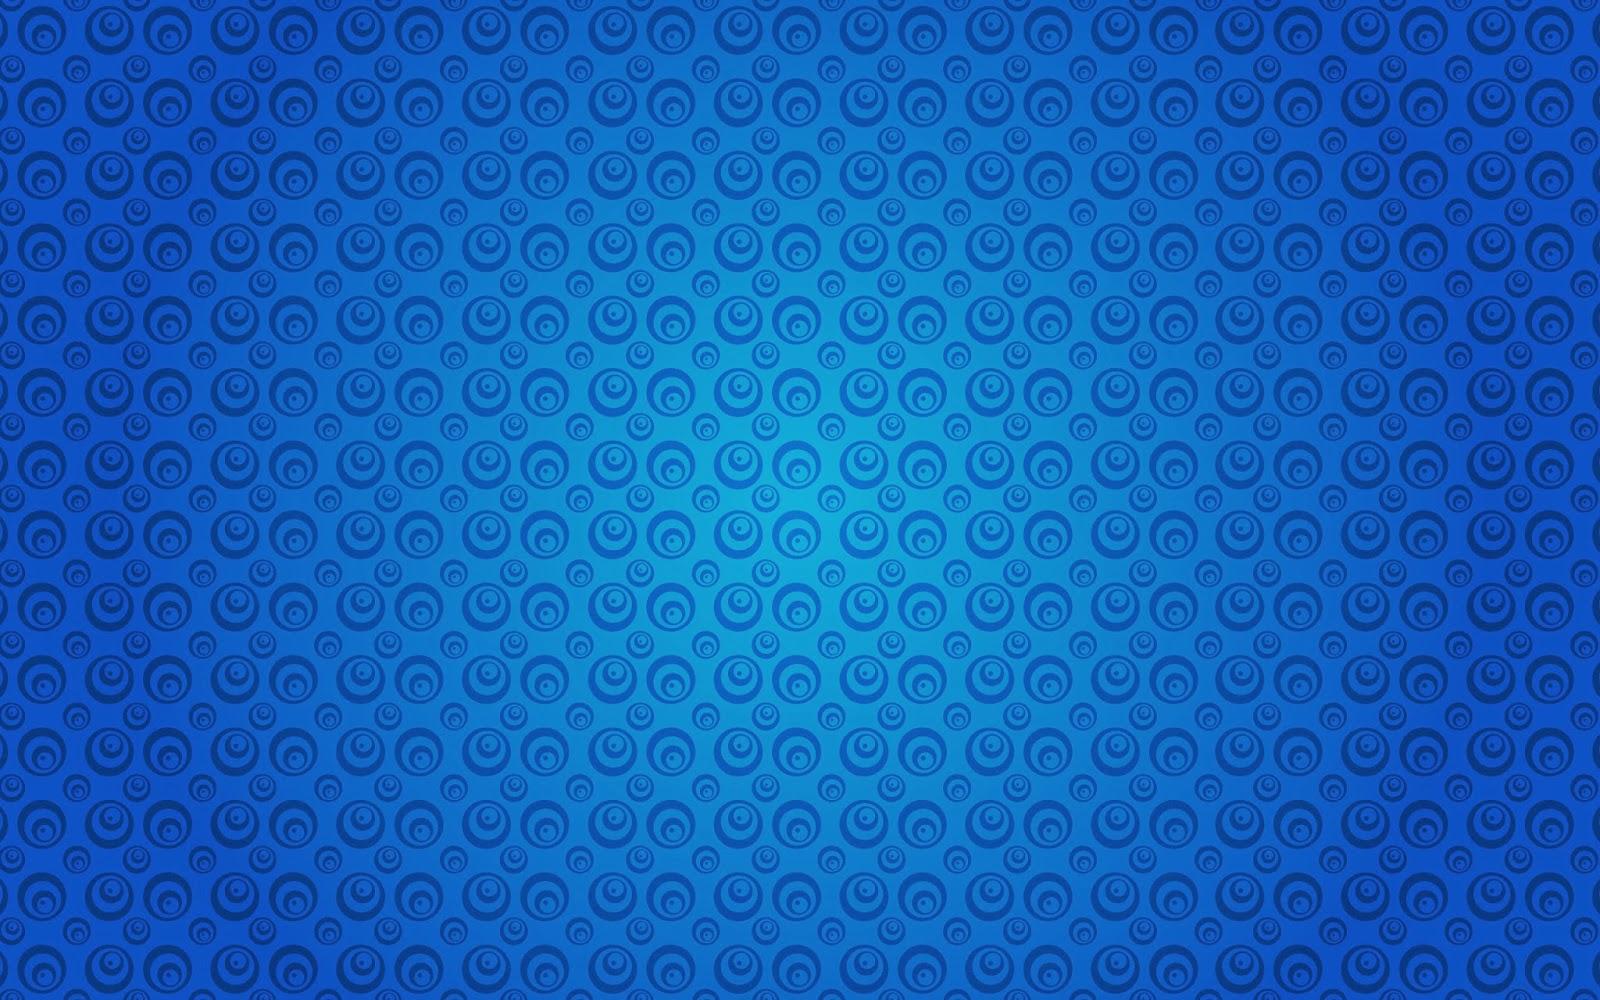 Fondo de pantalla abstracto textura azul imagenes for Imagenes de cuadros abstractos grandes